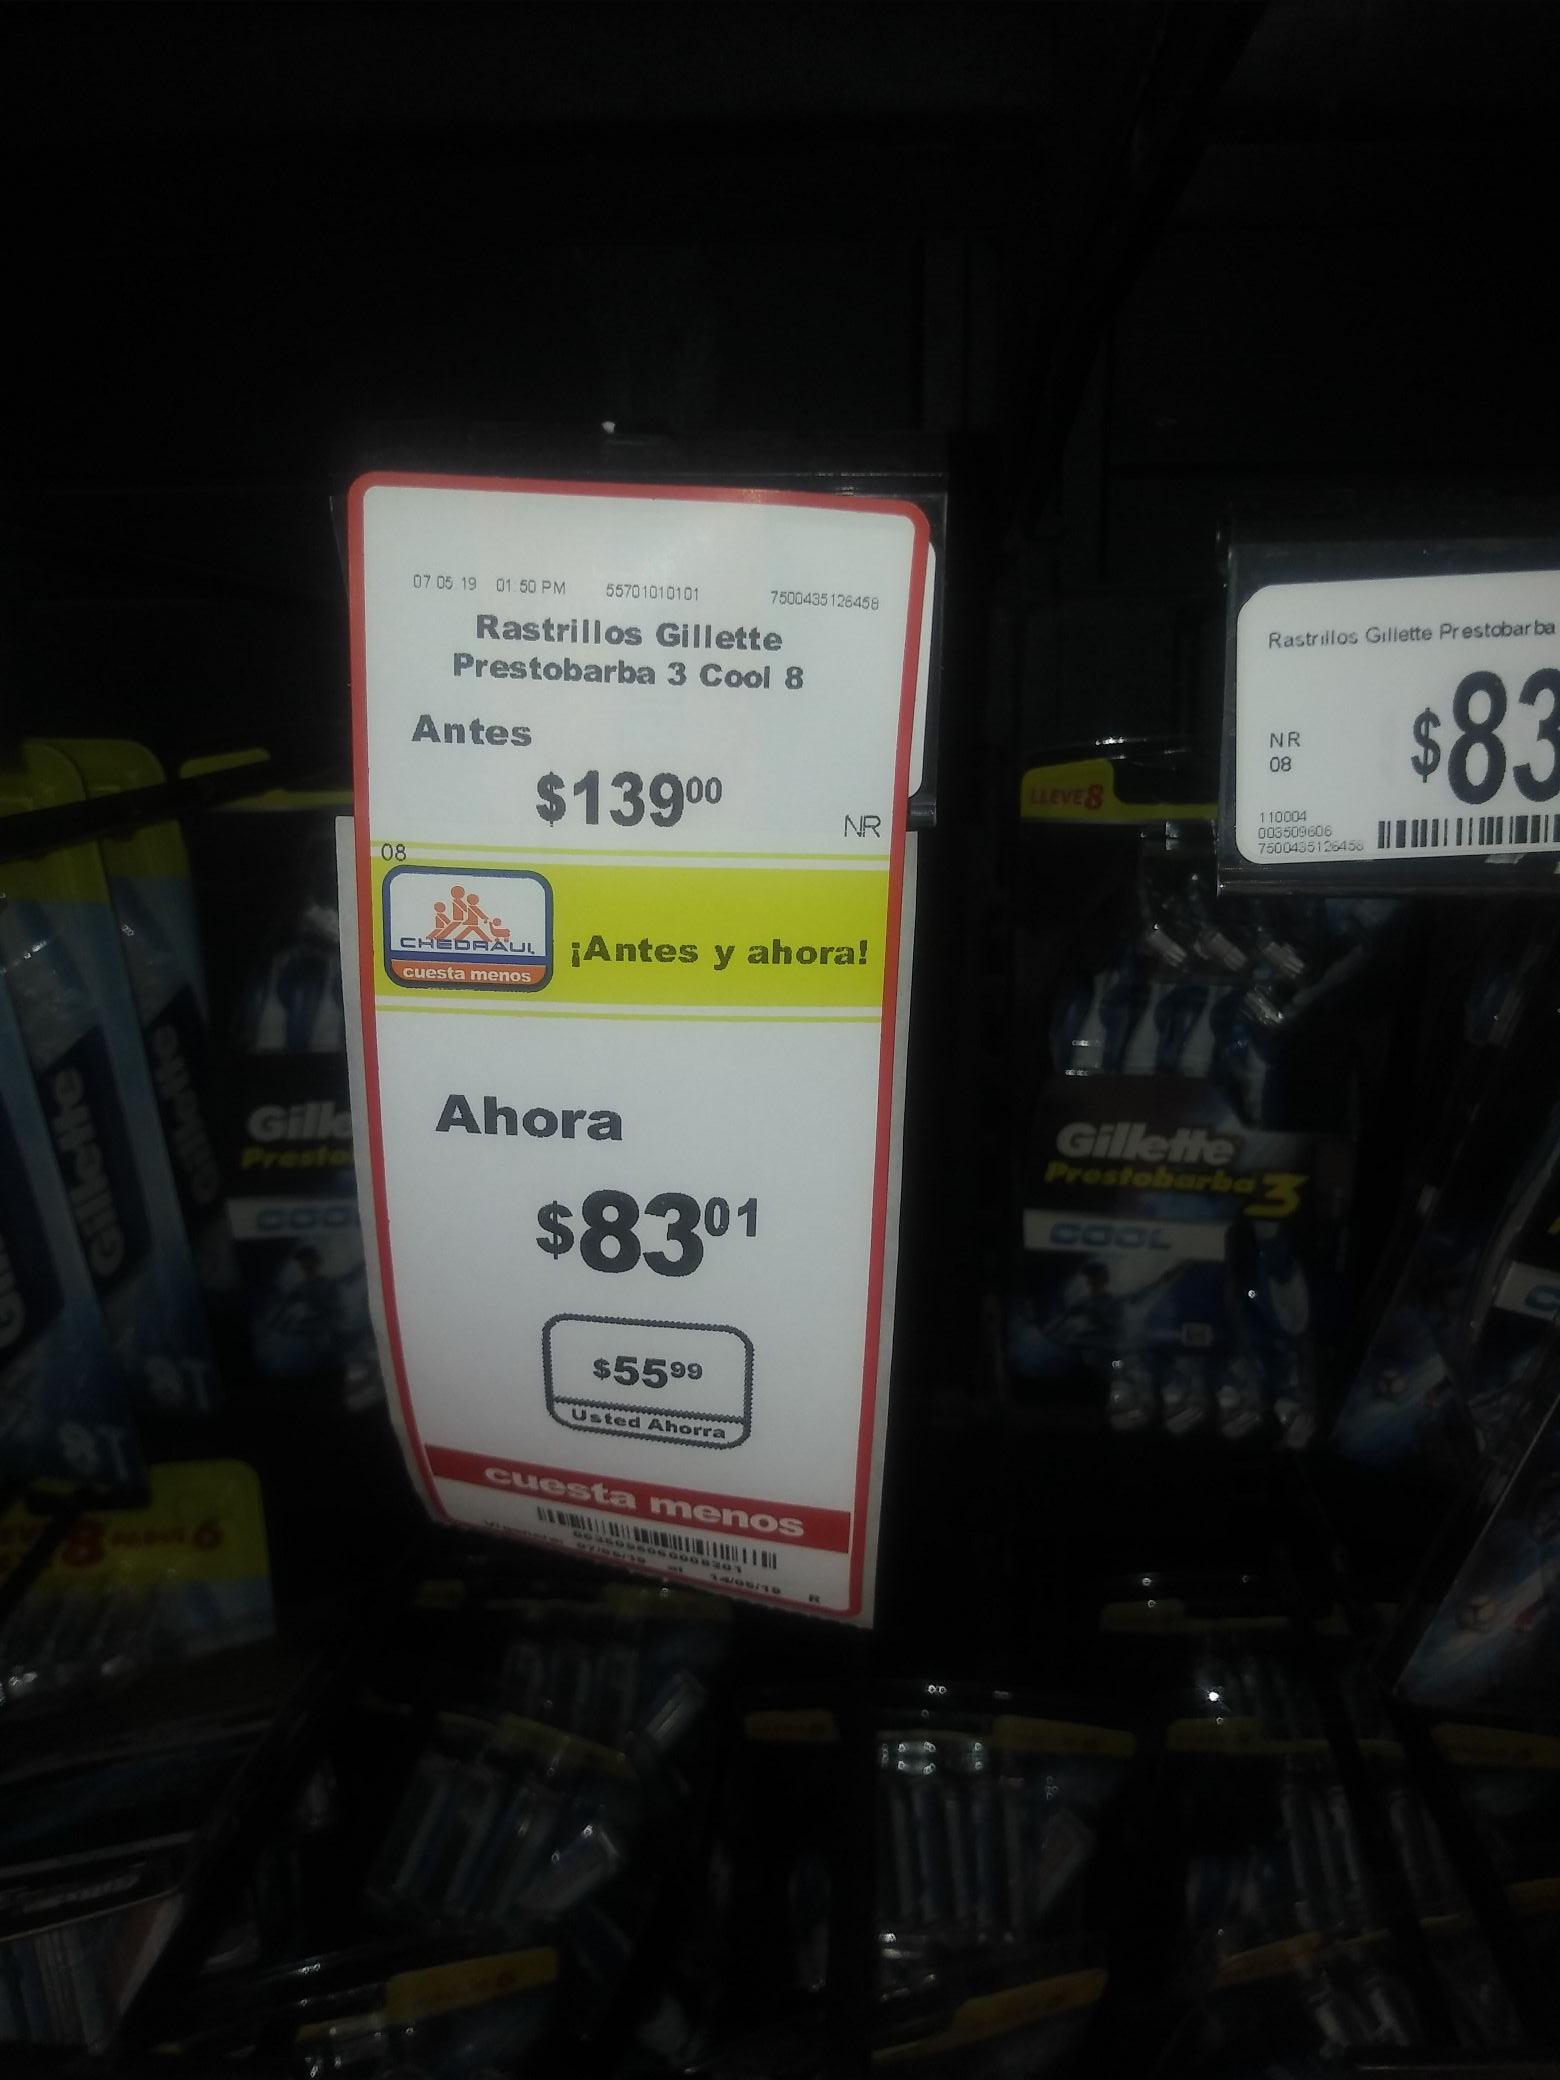 Chedraui: Desechables Gillette